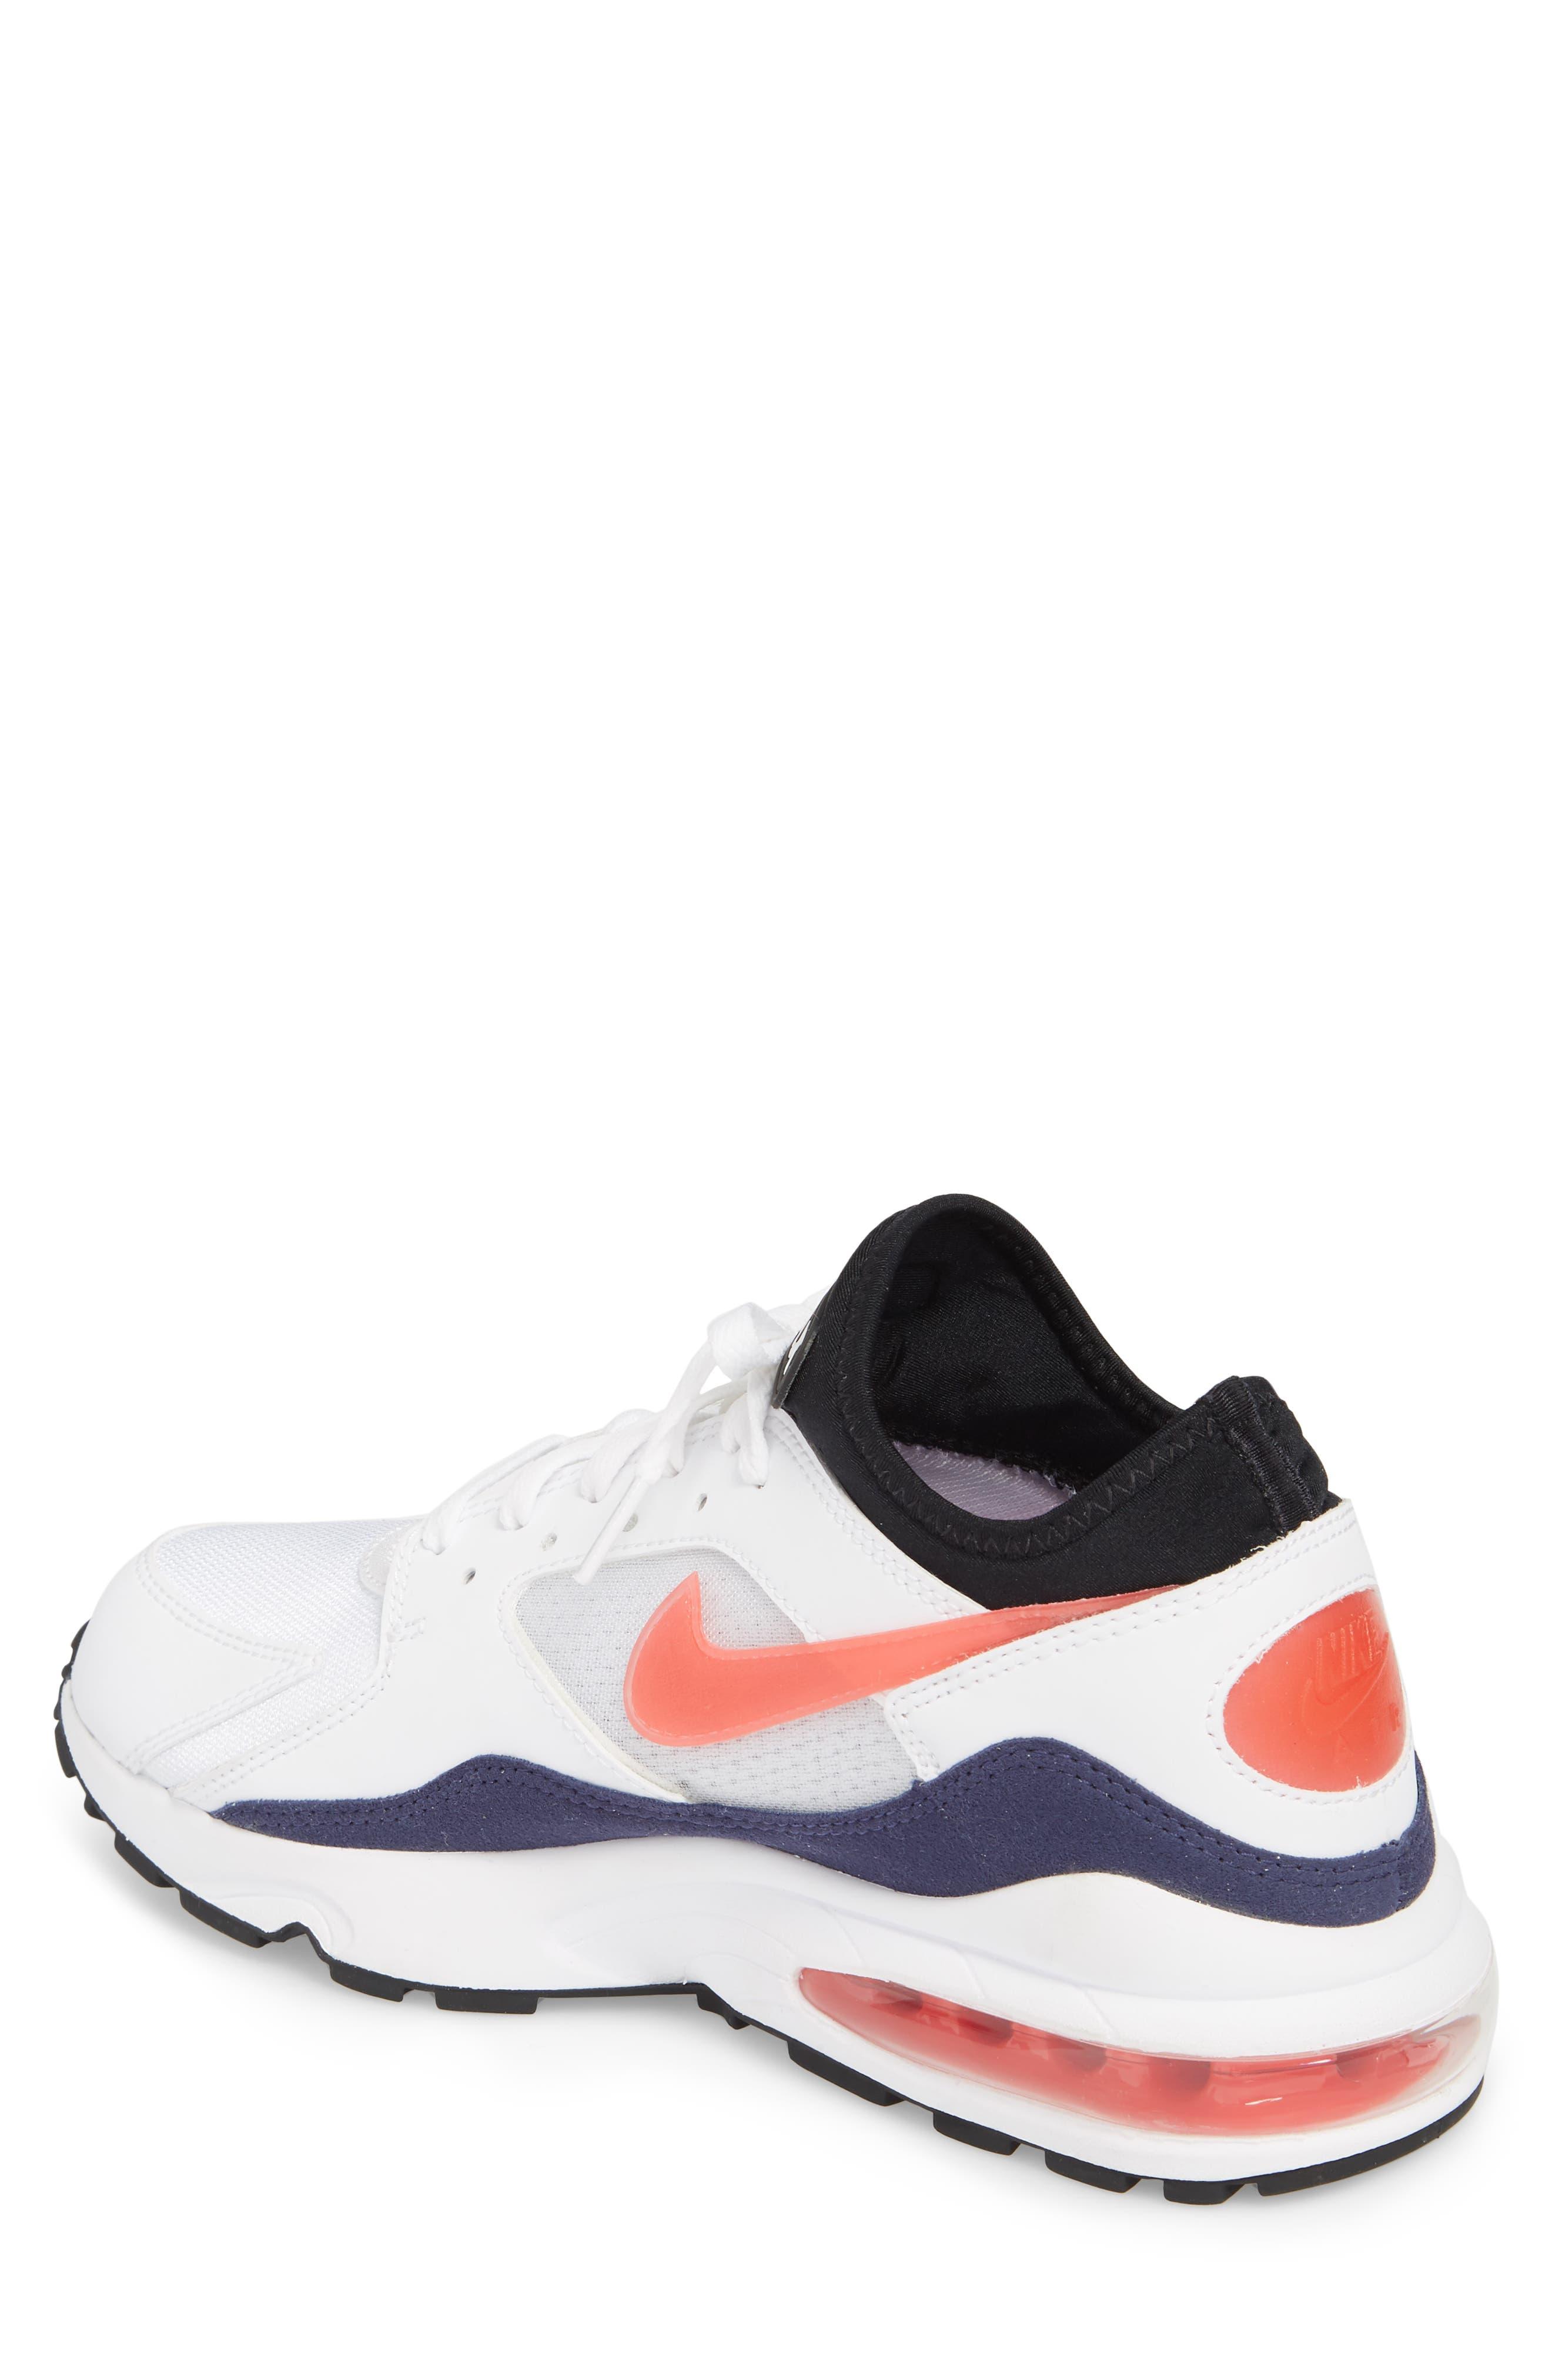 NIKE,                             Air Max 93 Sneaker,                             Alternate thumbnail 2, color,                             102